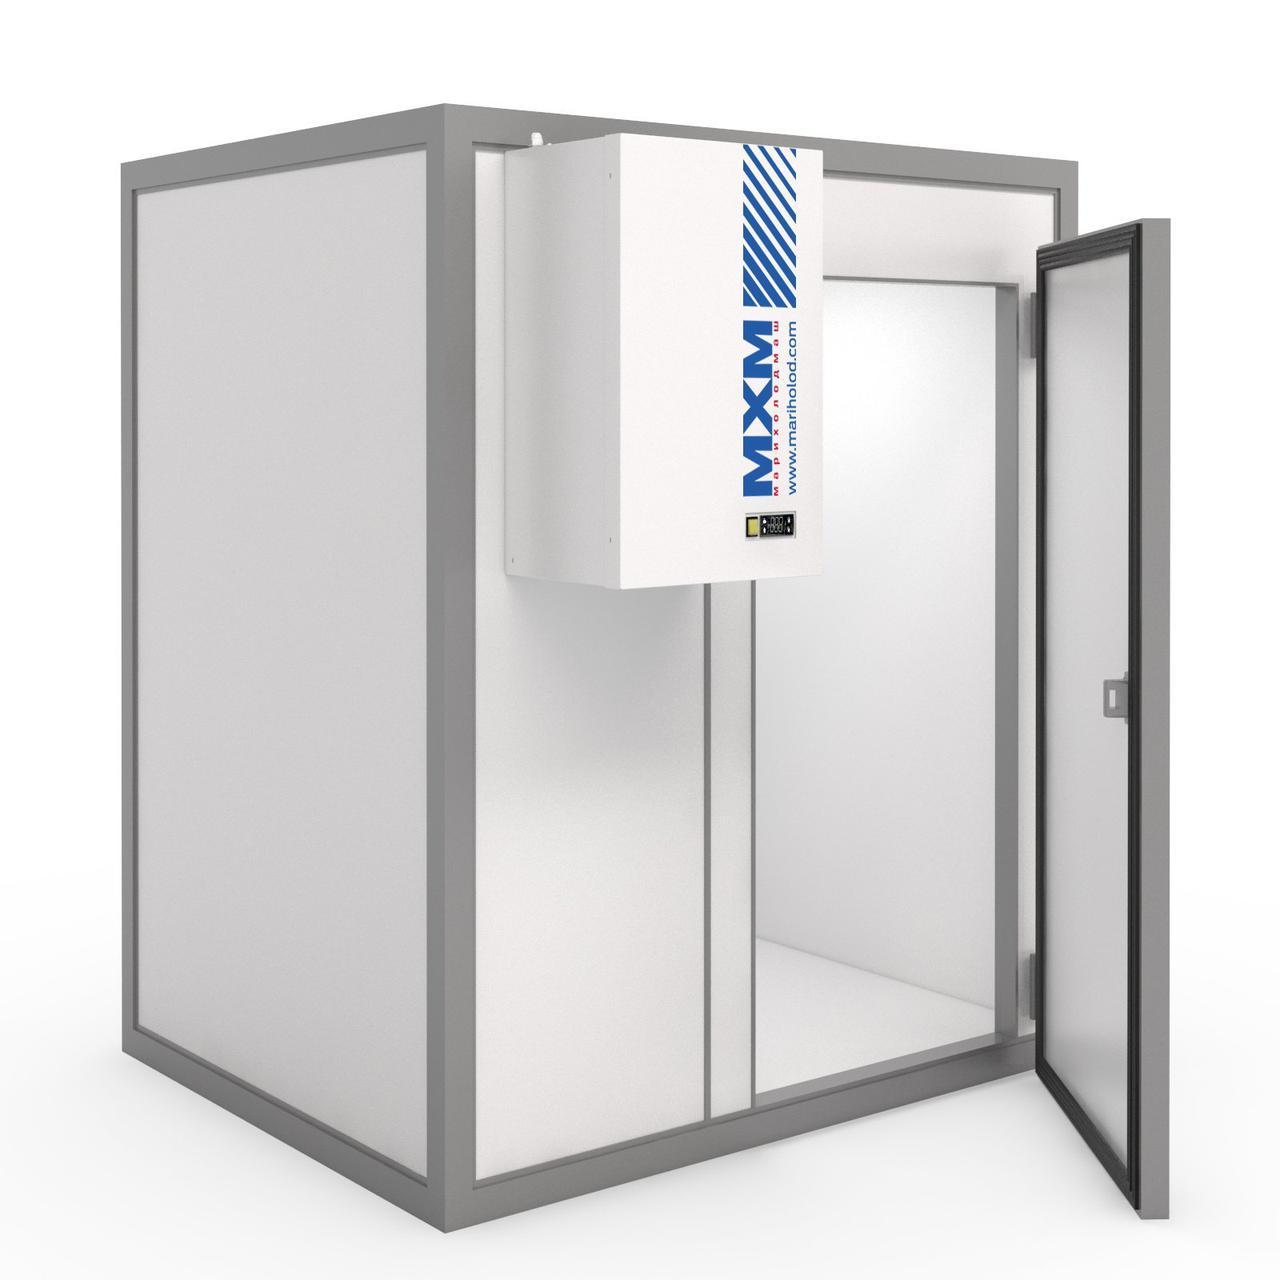 Камера холодильная, Комплект панелей МХМ КХ-2,94